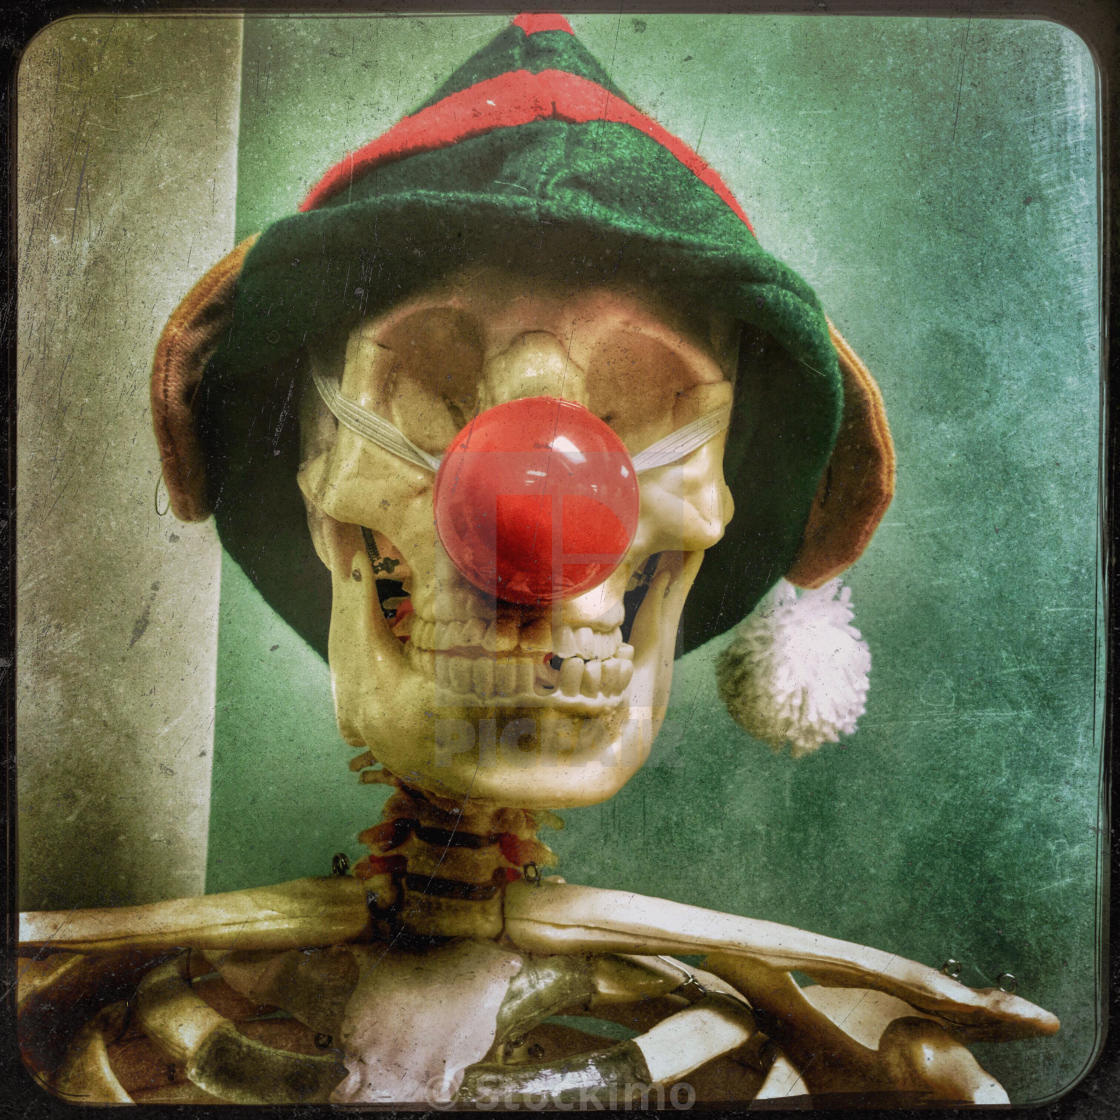 A scary skeleton posing as one of Santa's reindeer